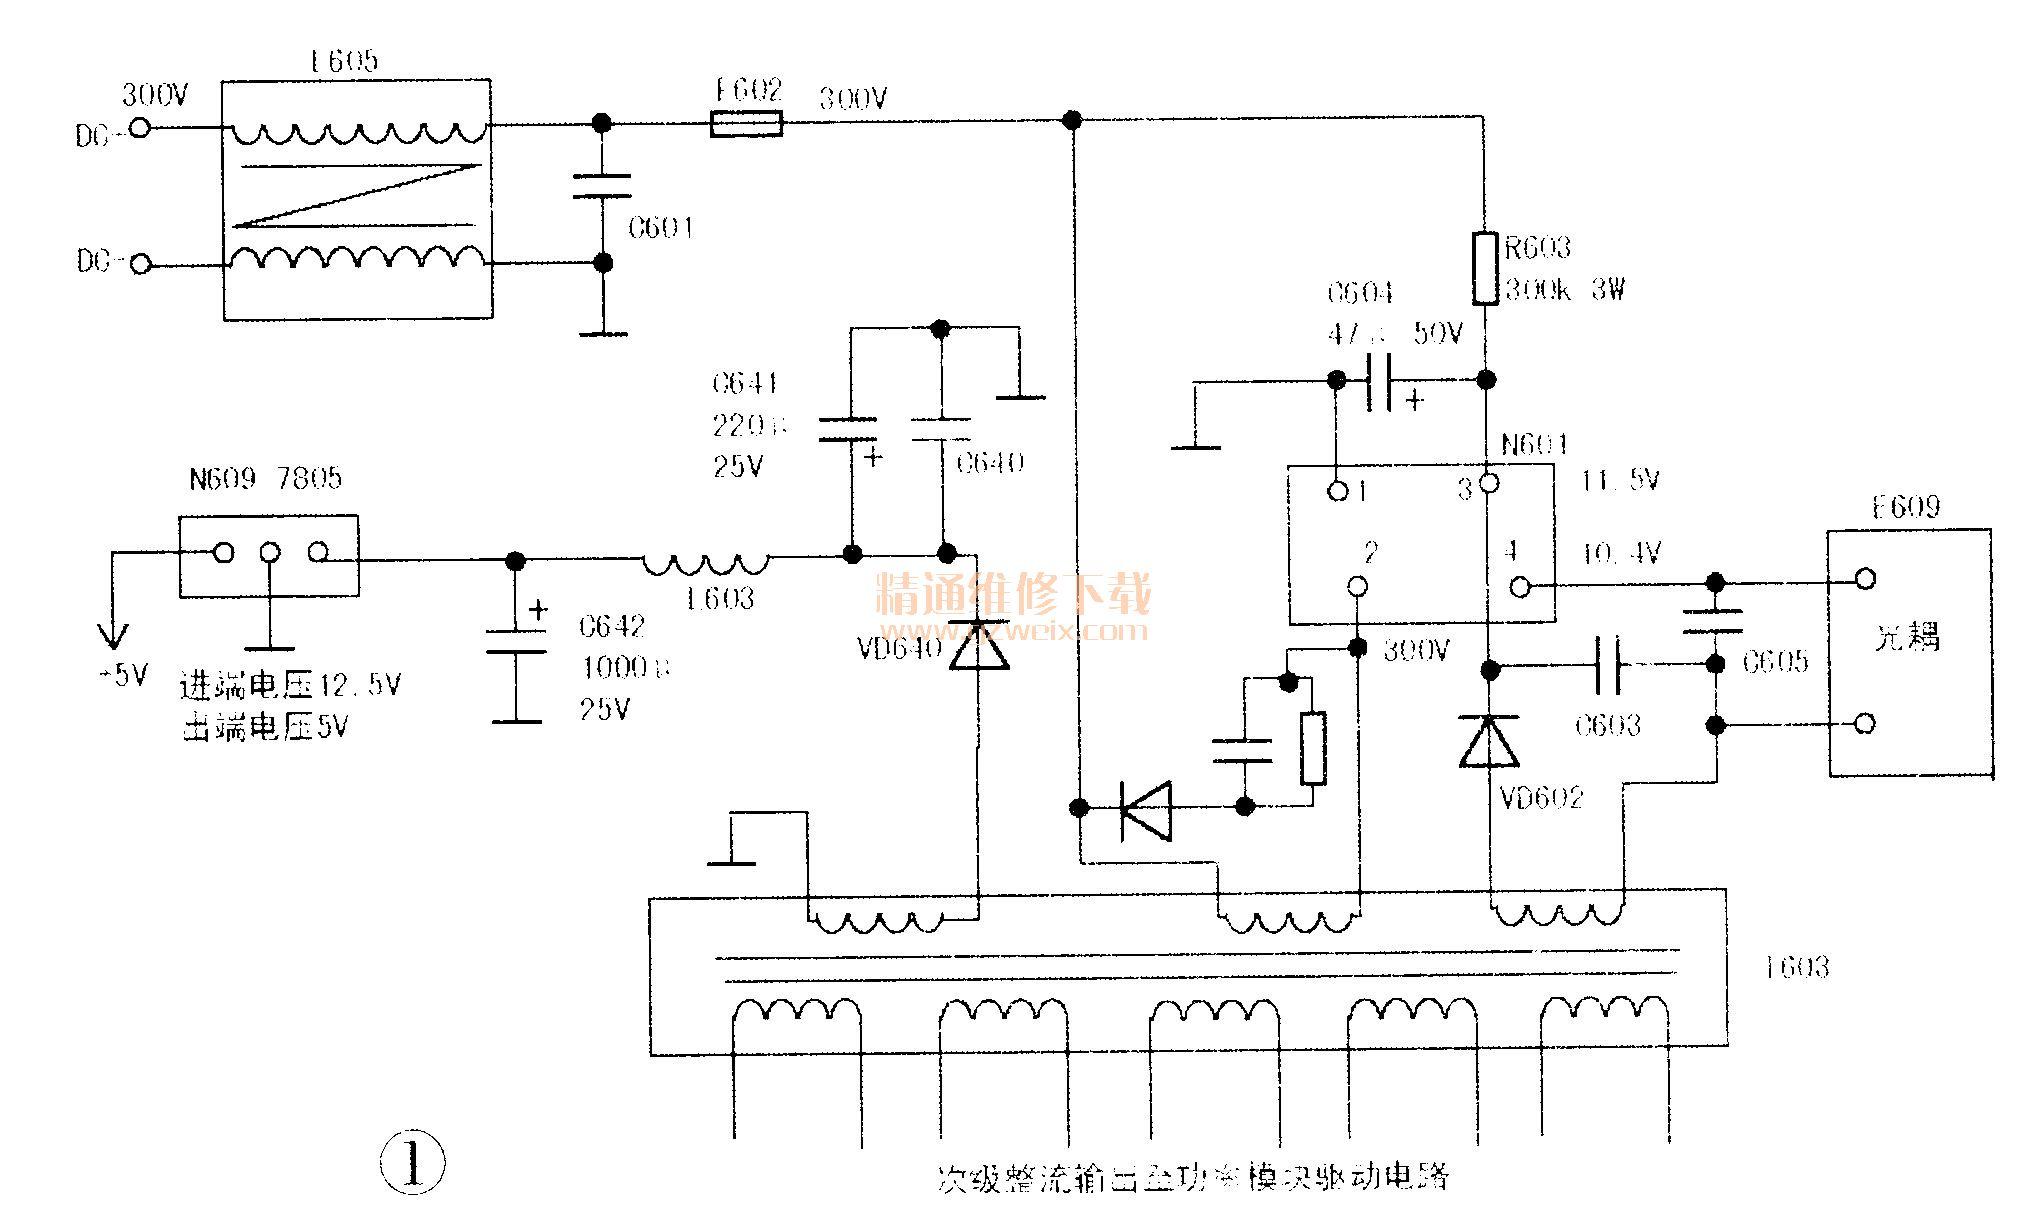 一台海信KFR-26GW/BP型分体式变频空调,遥控开机后,运行指示灯亮,室内风机转动,室外风机不转,压缩机不启动。约2-3分钟后,运行指示灯开始闪烁。当前环境温度为32,遥控器设定在制冷状态,空调室外机不能正常启动工作,说明空调出故障。 第一次上门维修 为查清故障原因,将空调电源插头拔出,系好安全带,爬到3楼窗外拆开室外机盖板。机内有三块独立的电路板:1块主控制板,1块整流滤波板月块功率模块驱动板。观察各块电路板无烧坏变形的元件,无烧焦的气味,将电容放电后,测其容量正常,软启动电阴40Ω正常